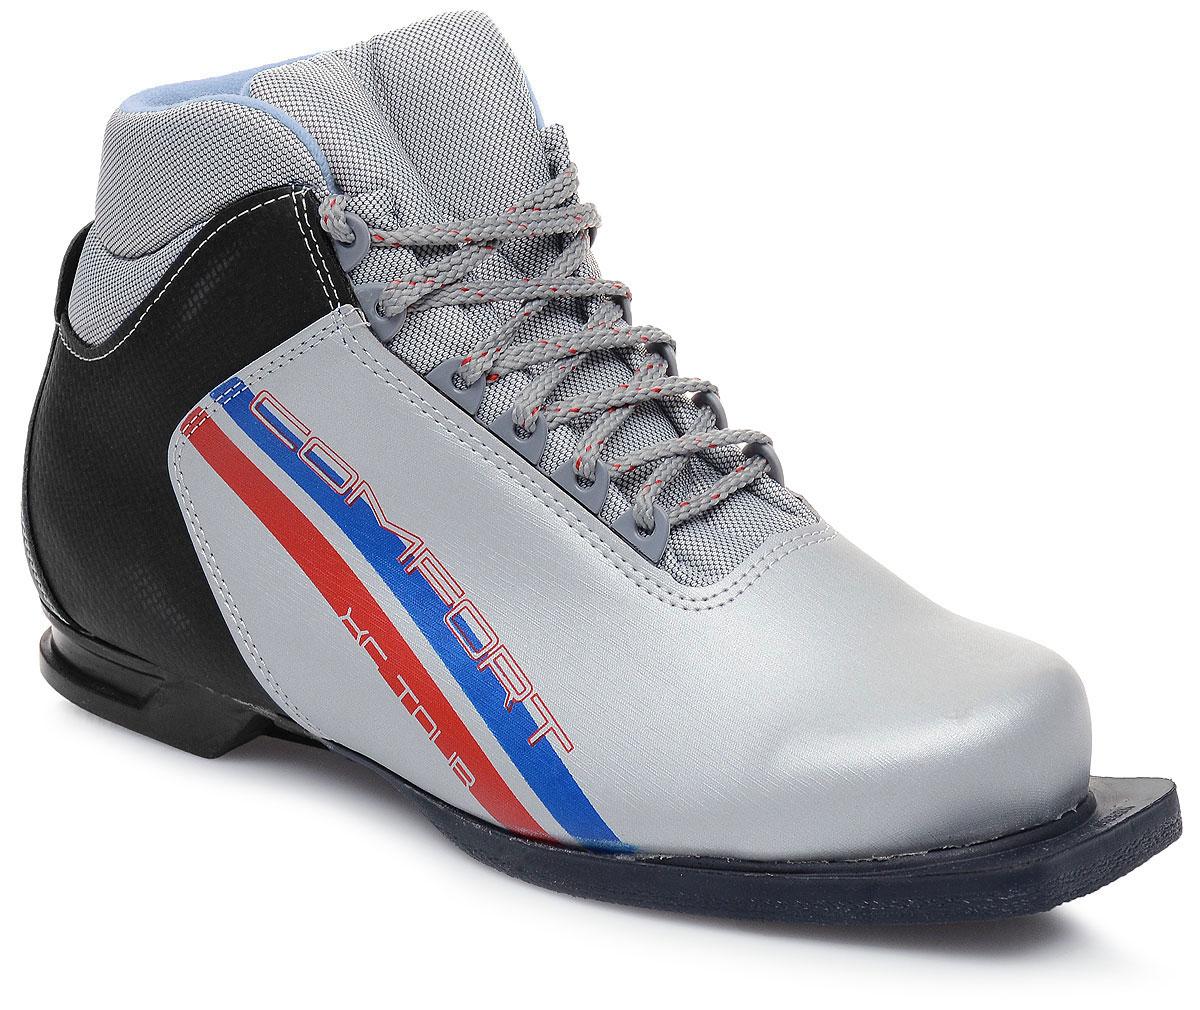 Ботинки лыжные Marax, цвет: серебристый, синий, черный. М350. Размер 42М350_серебряный, синий, красный_42Лыжные ботинки Marax предназначены для активного отдыха. Модельизготовлена из морозостойкой искусственной кожи и текстиля. Подкладка выполнена из искусственного меха и флиса, благодаря чему ваши ноги всегда будут в тепле. Шерстяная стелька комфортна при беге. Вставка на заднике обеспечивает дополнительную жесткость, позволяя дольше сохранять первоначальную форму ботинка и предотвращать натирание стопы. Ботинки снабжены шнуровкой с пластиковыми петлями и язычком-клапаном, который защищает от попадания снега и влаги. Подошва системы 75 мм из двухкомпонентной резины является надежной и весьма простой системой крепежа и позволяет безбоязненно использовать ботинокдо -25°С. В таких лыжных ботинках вам будет комфортно и уютно.